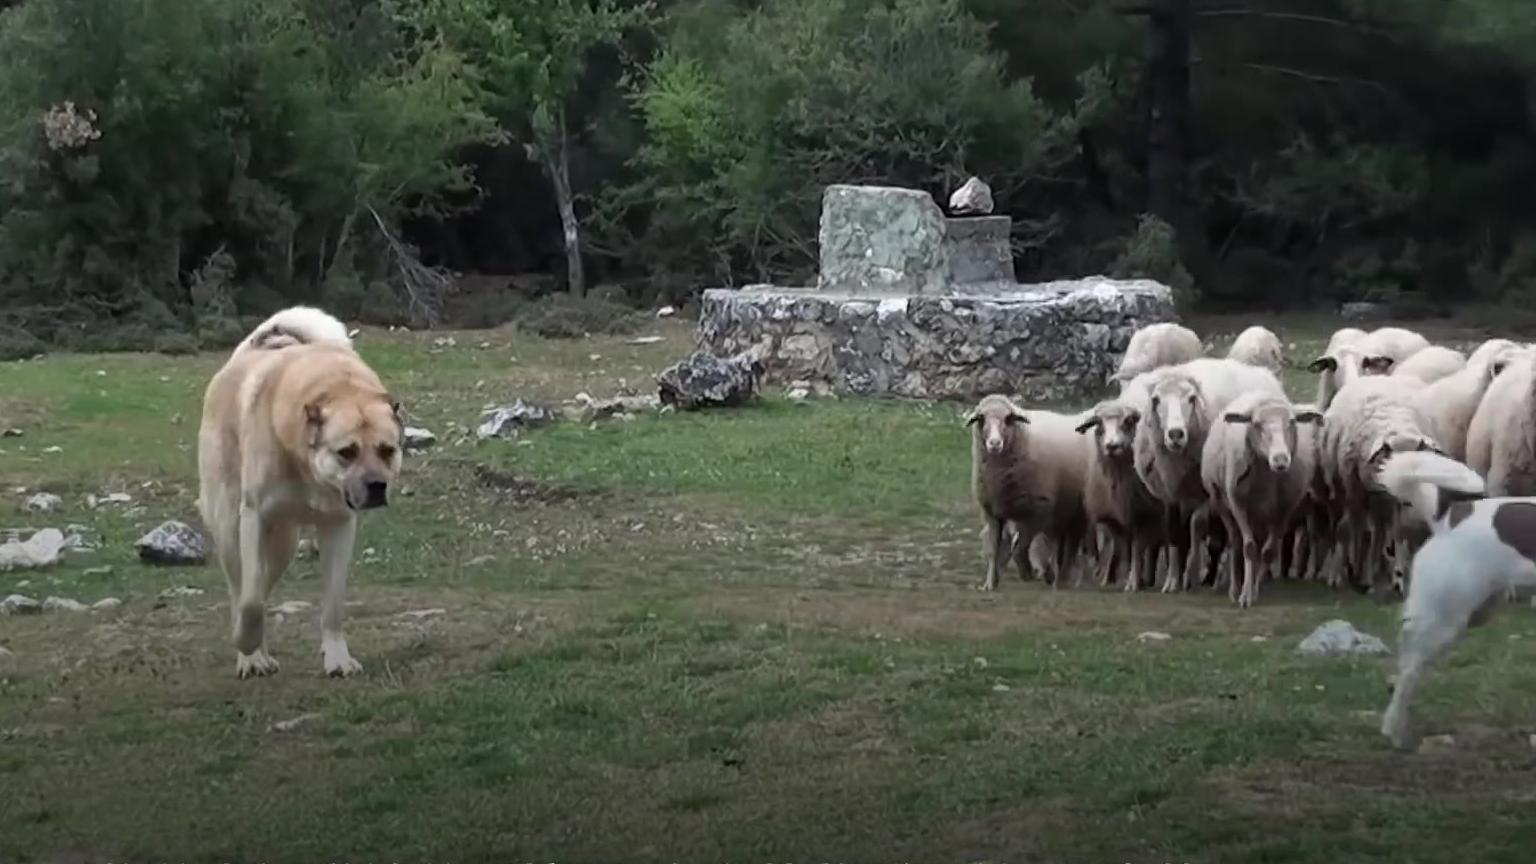 【透视眼】一只牧羊犬如何放养数百只羊?